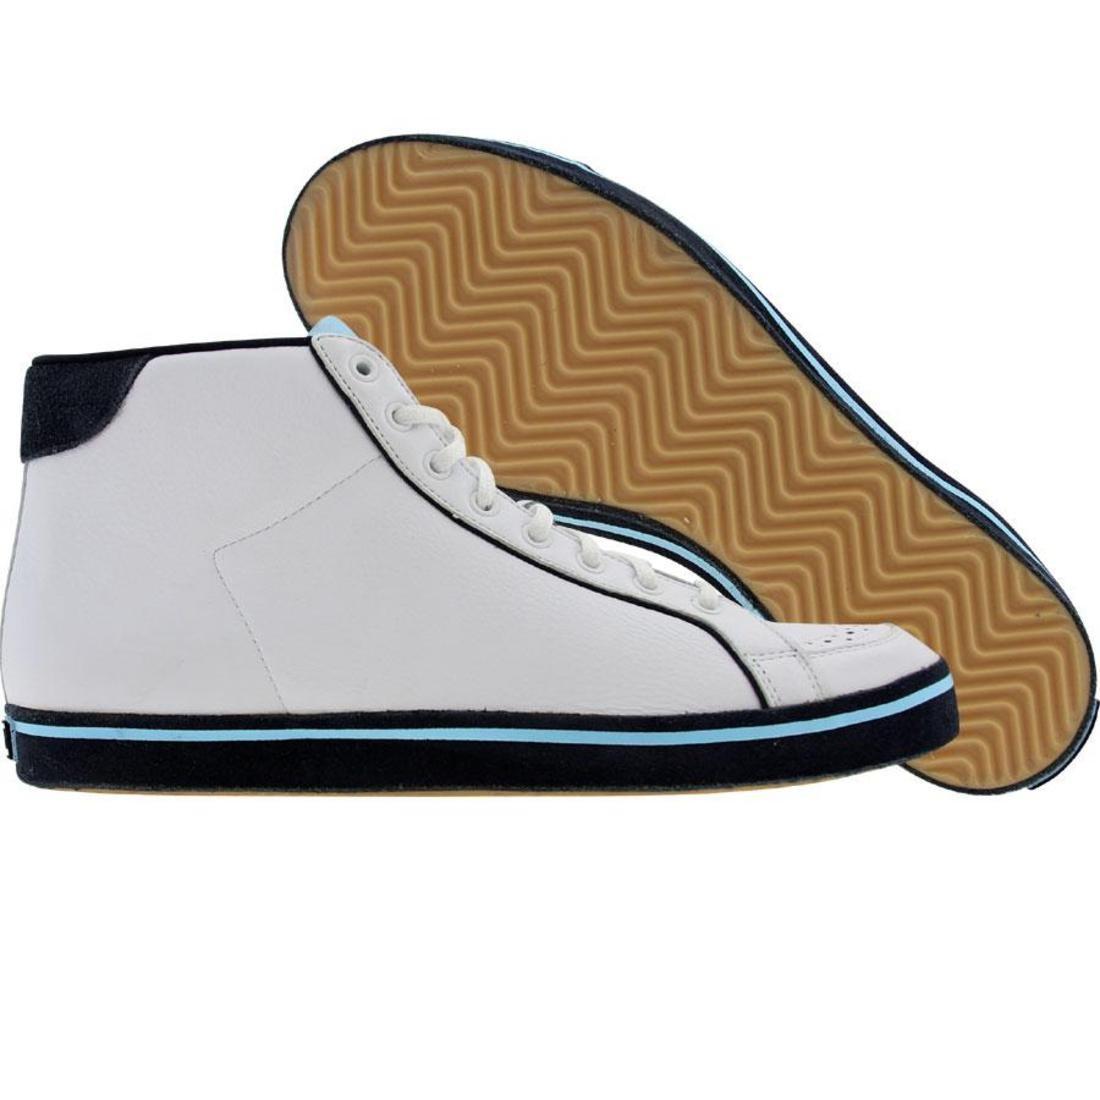 【海外限定】アディダス ミッド 紺 ネイビー 靴 スニーカー 【 ADIDAS NAVY ROD LAVER VIN MID WHITE DARK ALTITUDE 】